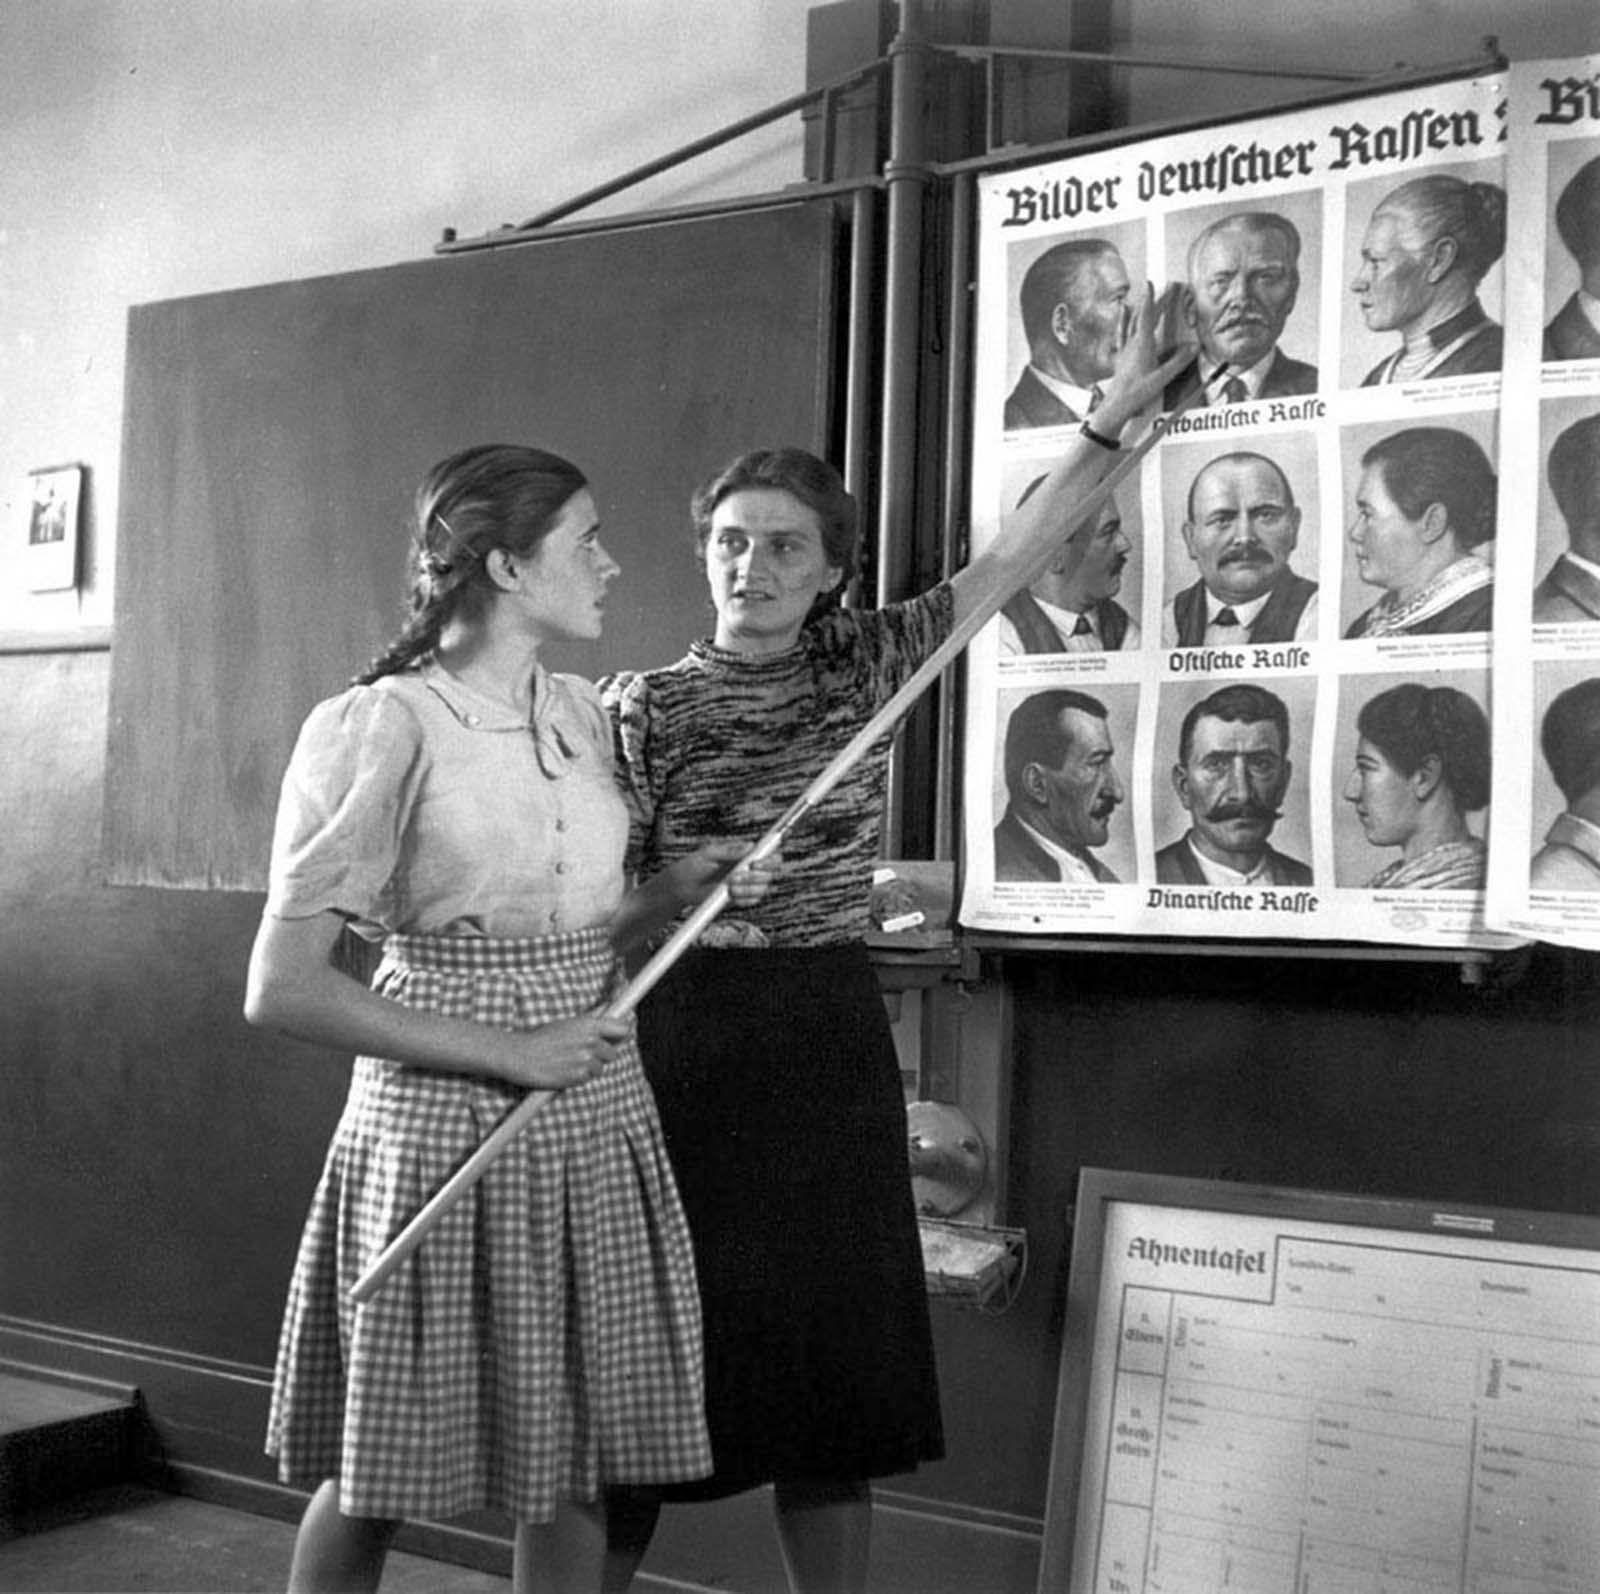 Une course de l'enseignement en classe dans une école pour jeunes filles allemandes, 1943